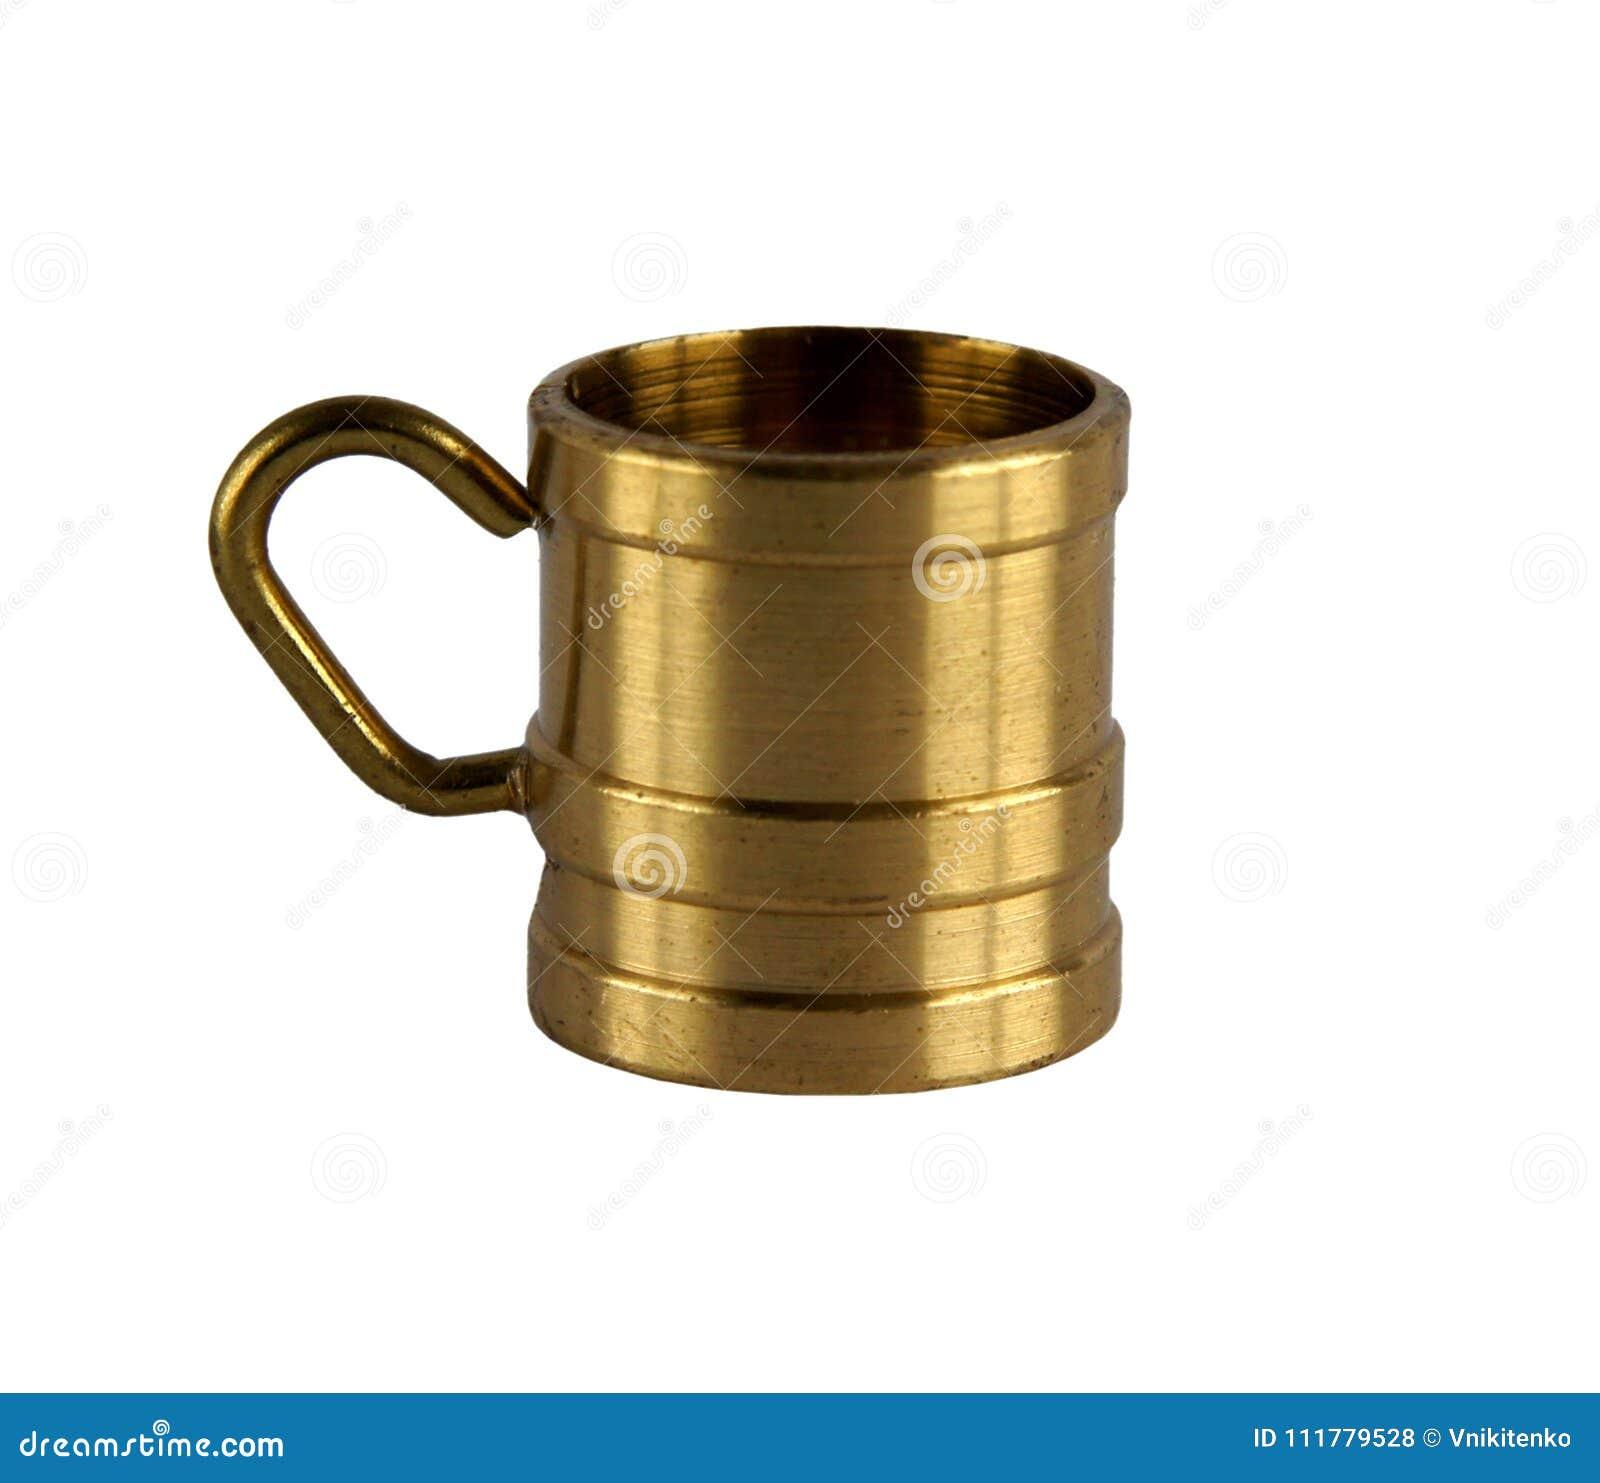 Vintage brass cup or mug